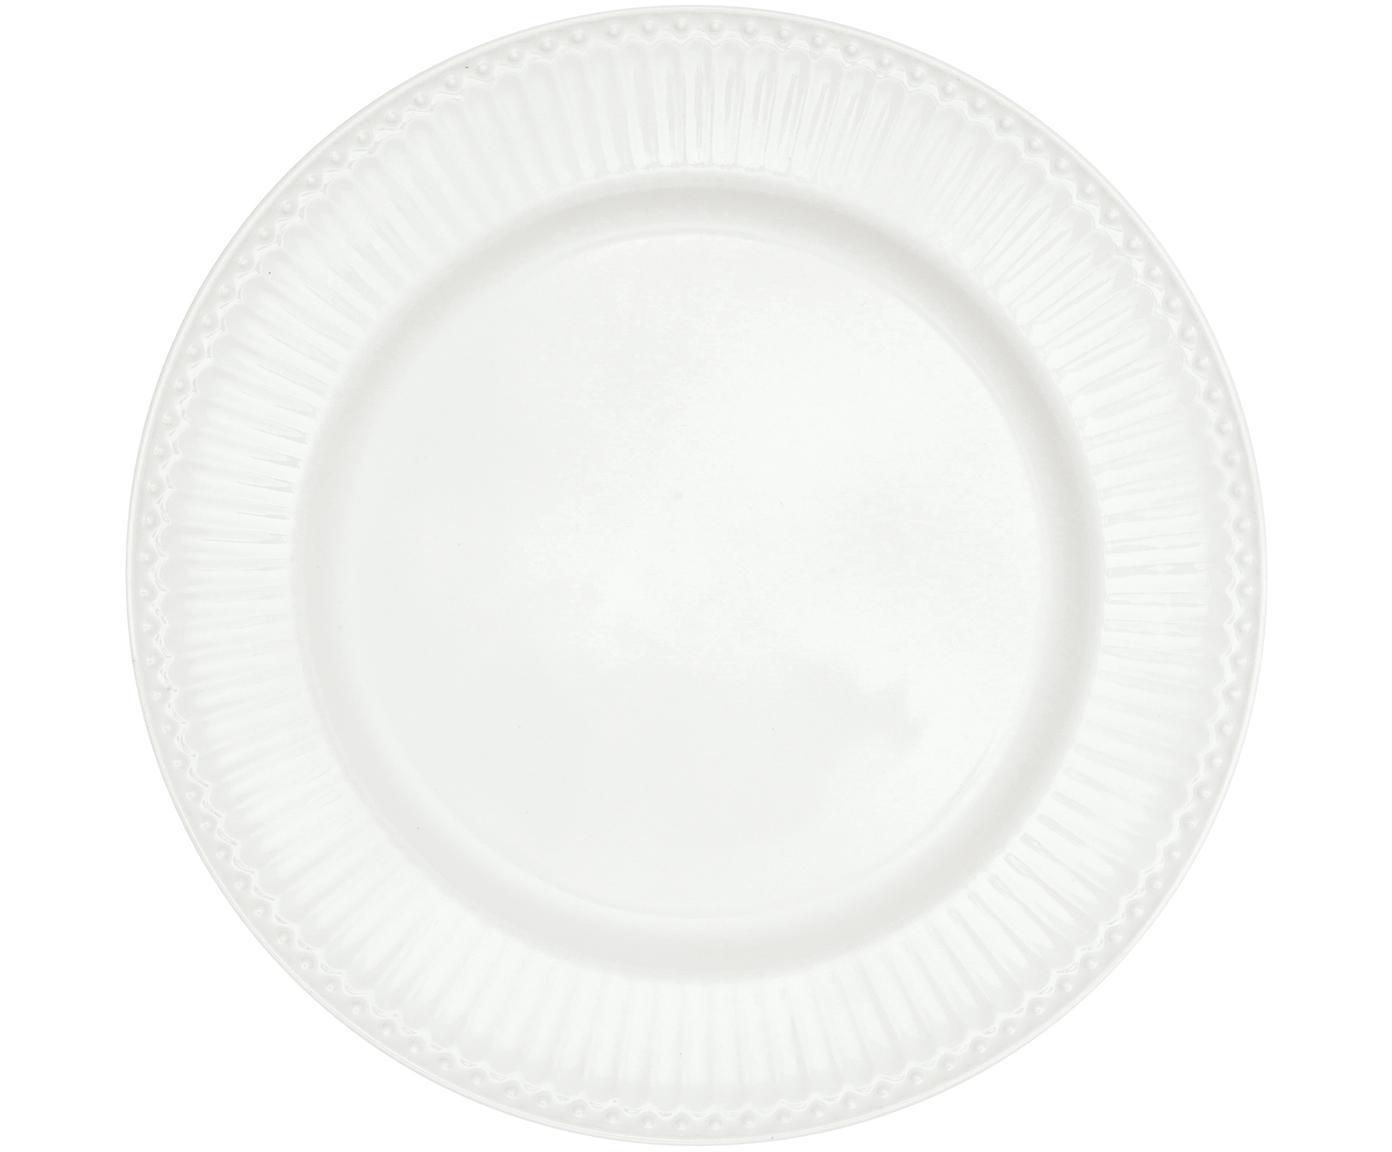 Talerz duży Alice, 2 szt., Porcelana, Biały, Ø 27 cm